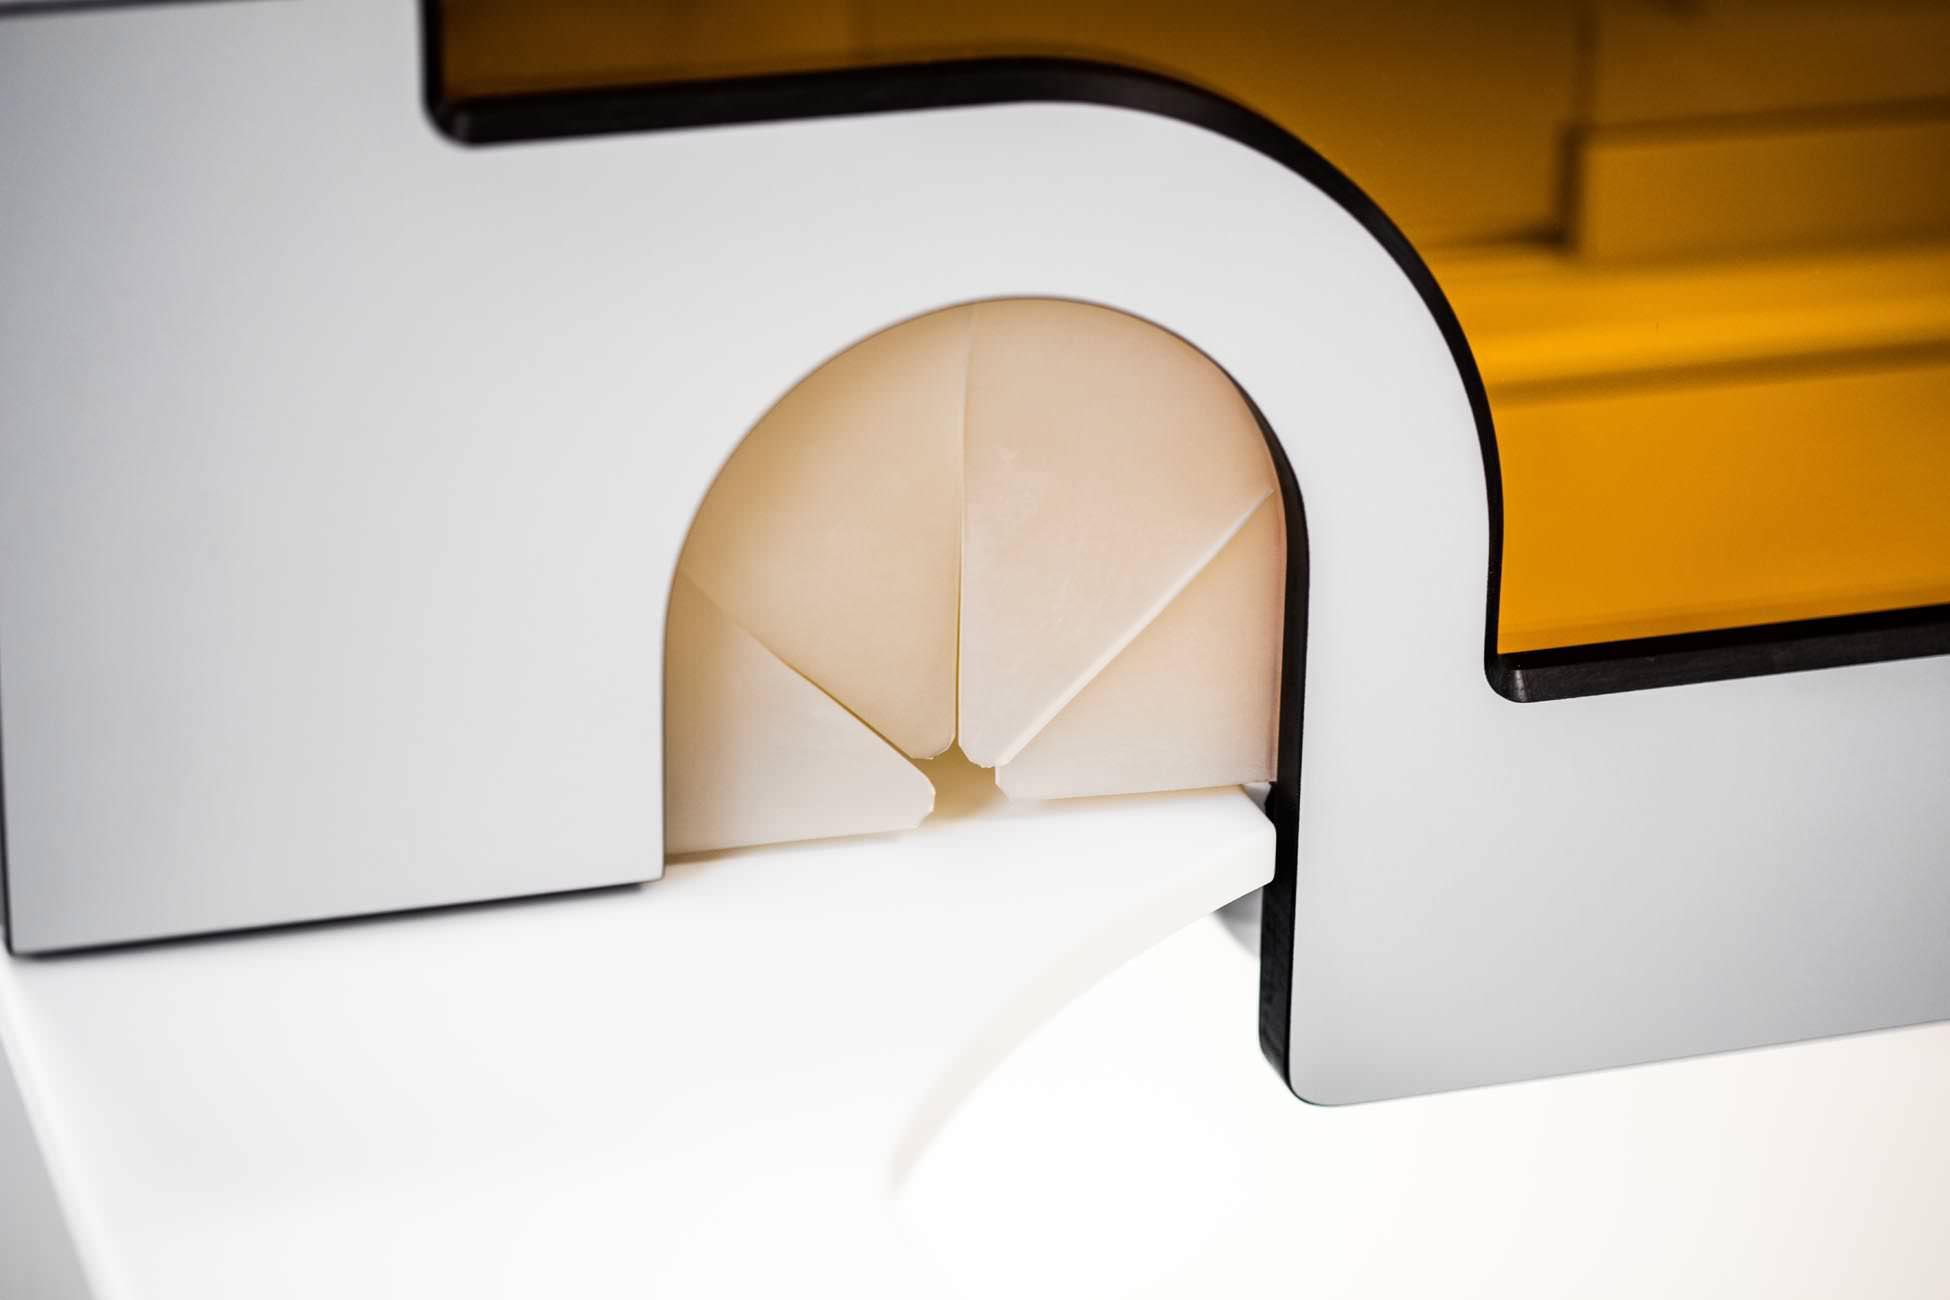 Produktfotografie - Prototyp - Technisches Produkt Fotograf Produktfotograf Fotografiert bei Technoholz in Villach, Kärnten, Österreich